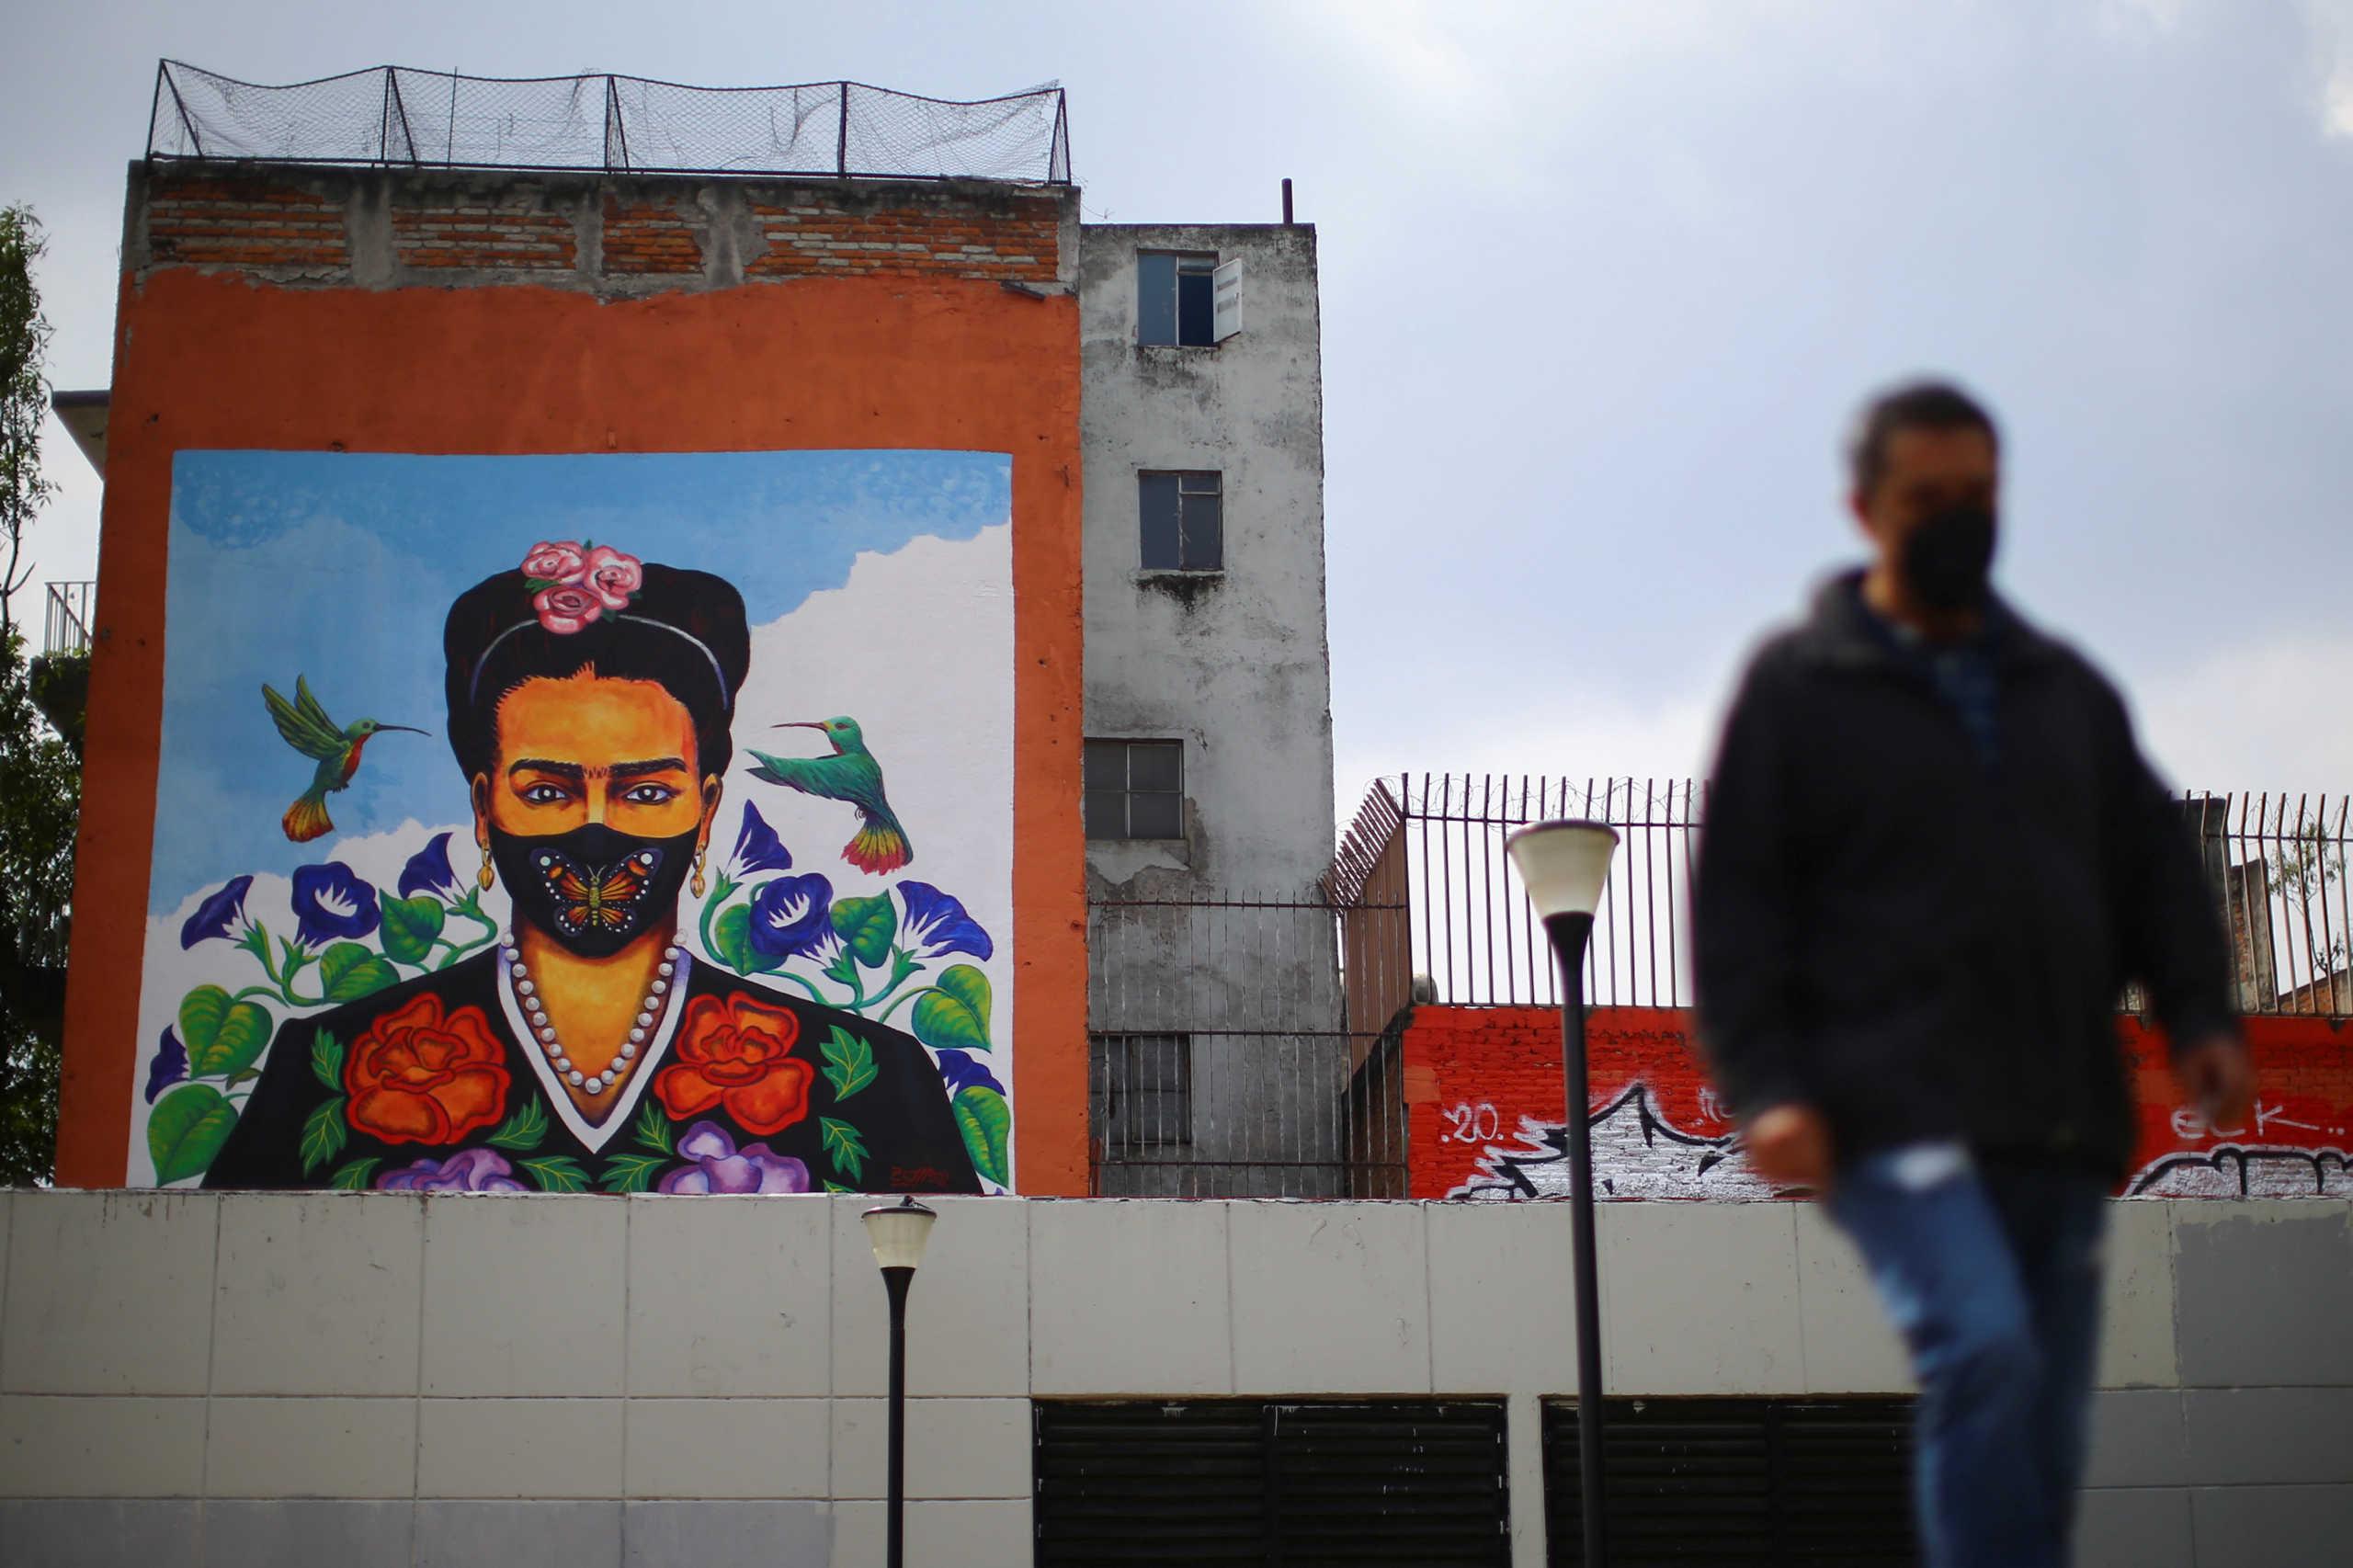 Κορονοϊός: Μεγαλώνει η λίστα των θανάτων σε Χιλή, Μεξικό και Περού